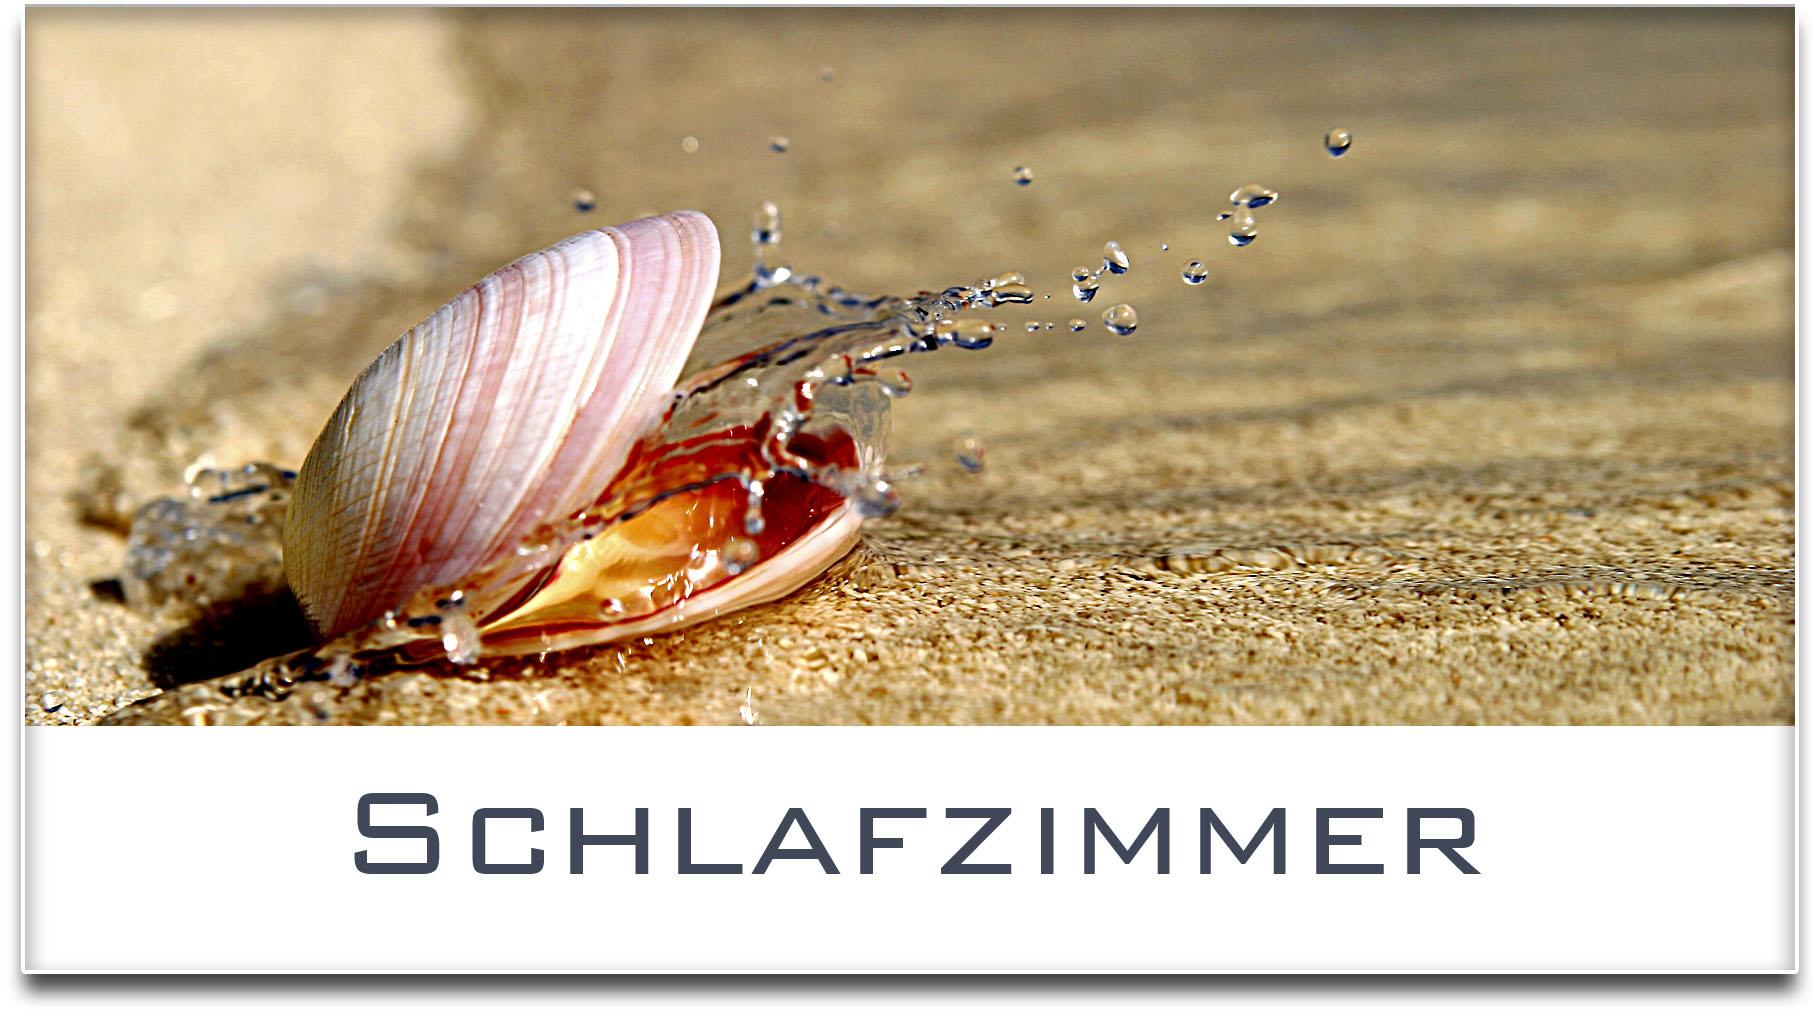 Türschild / Haustürschild / Muschel / Schlafzimmer / Selbstklebend